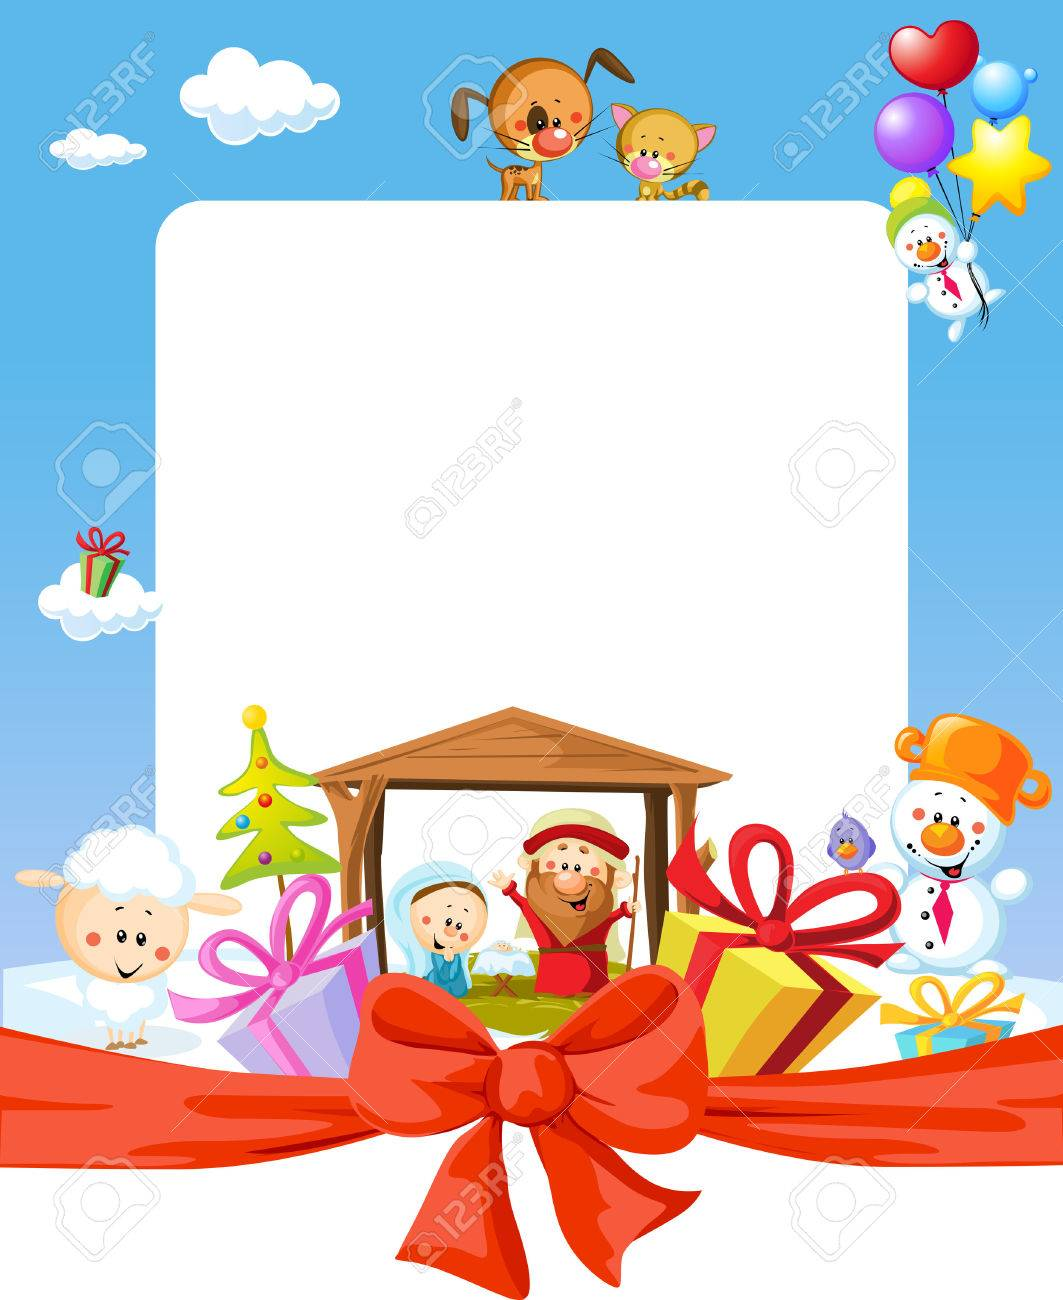 Dibujos De Navidad Con Jesus.Marco De La Navidad La Natividad Con Jesus Maria Y Jose Ilustracion De Dibujos Animados